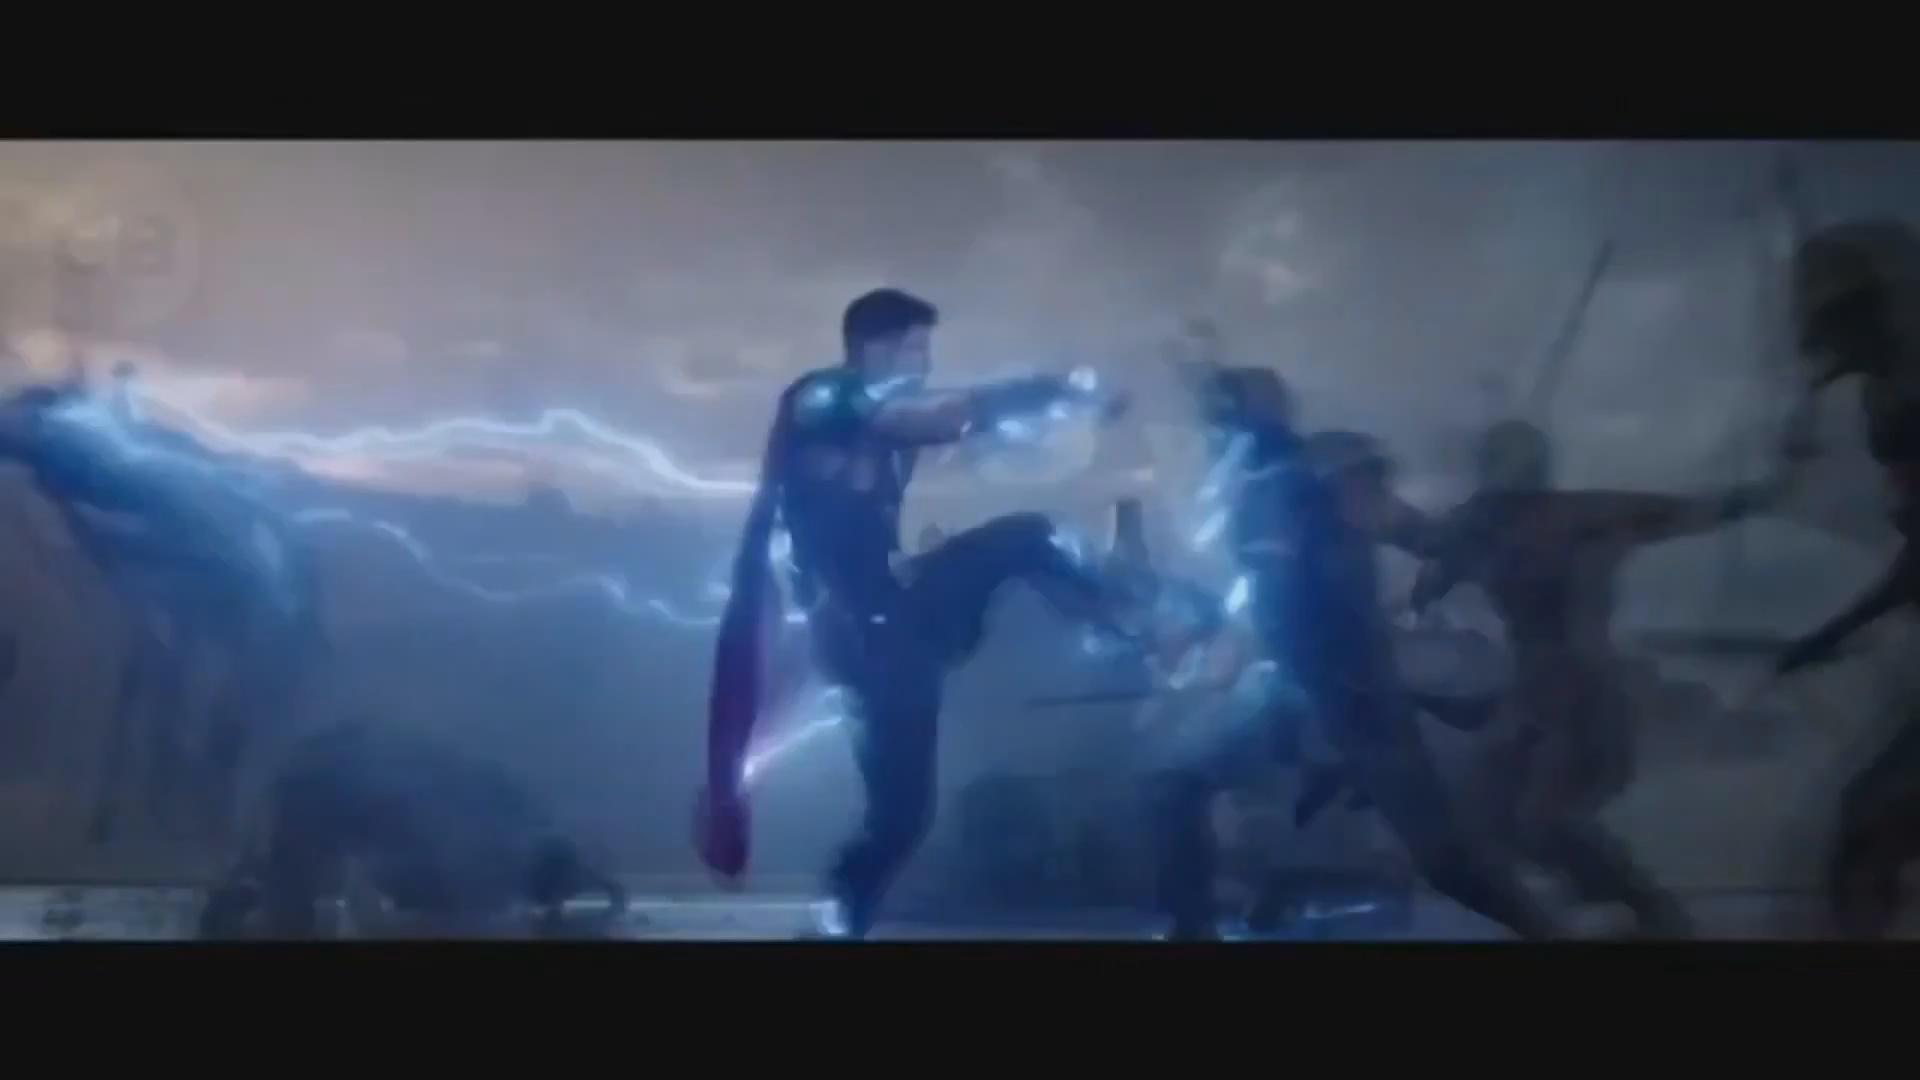 索尔闪电螺旋踢秒现《雷神3:诸神黄昏》最新电视版预告两连发